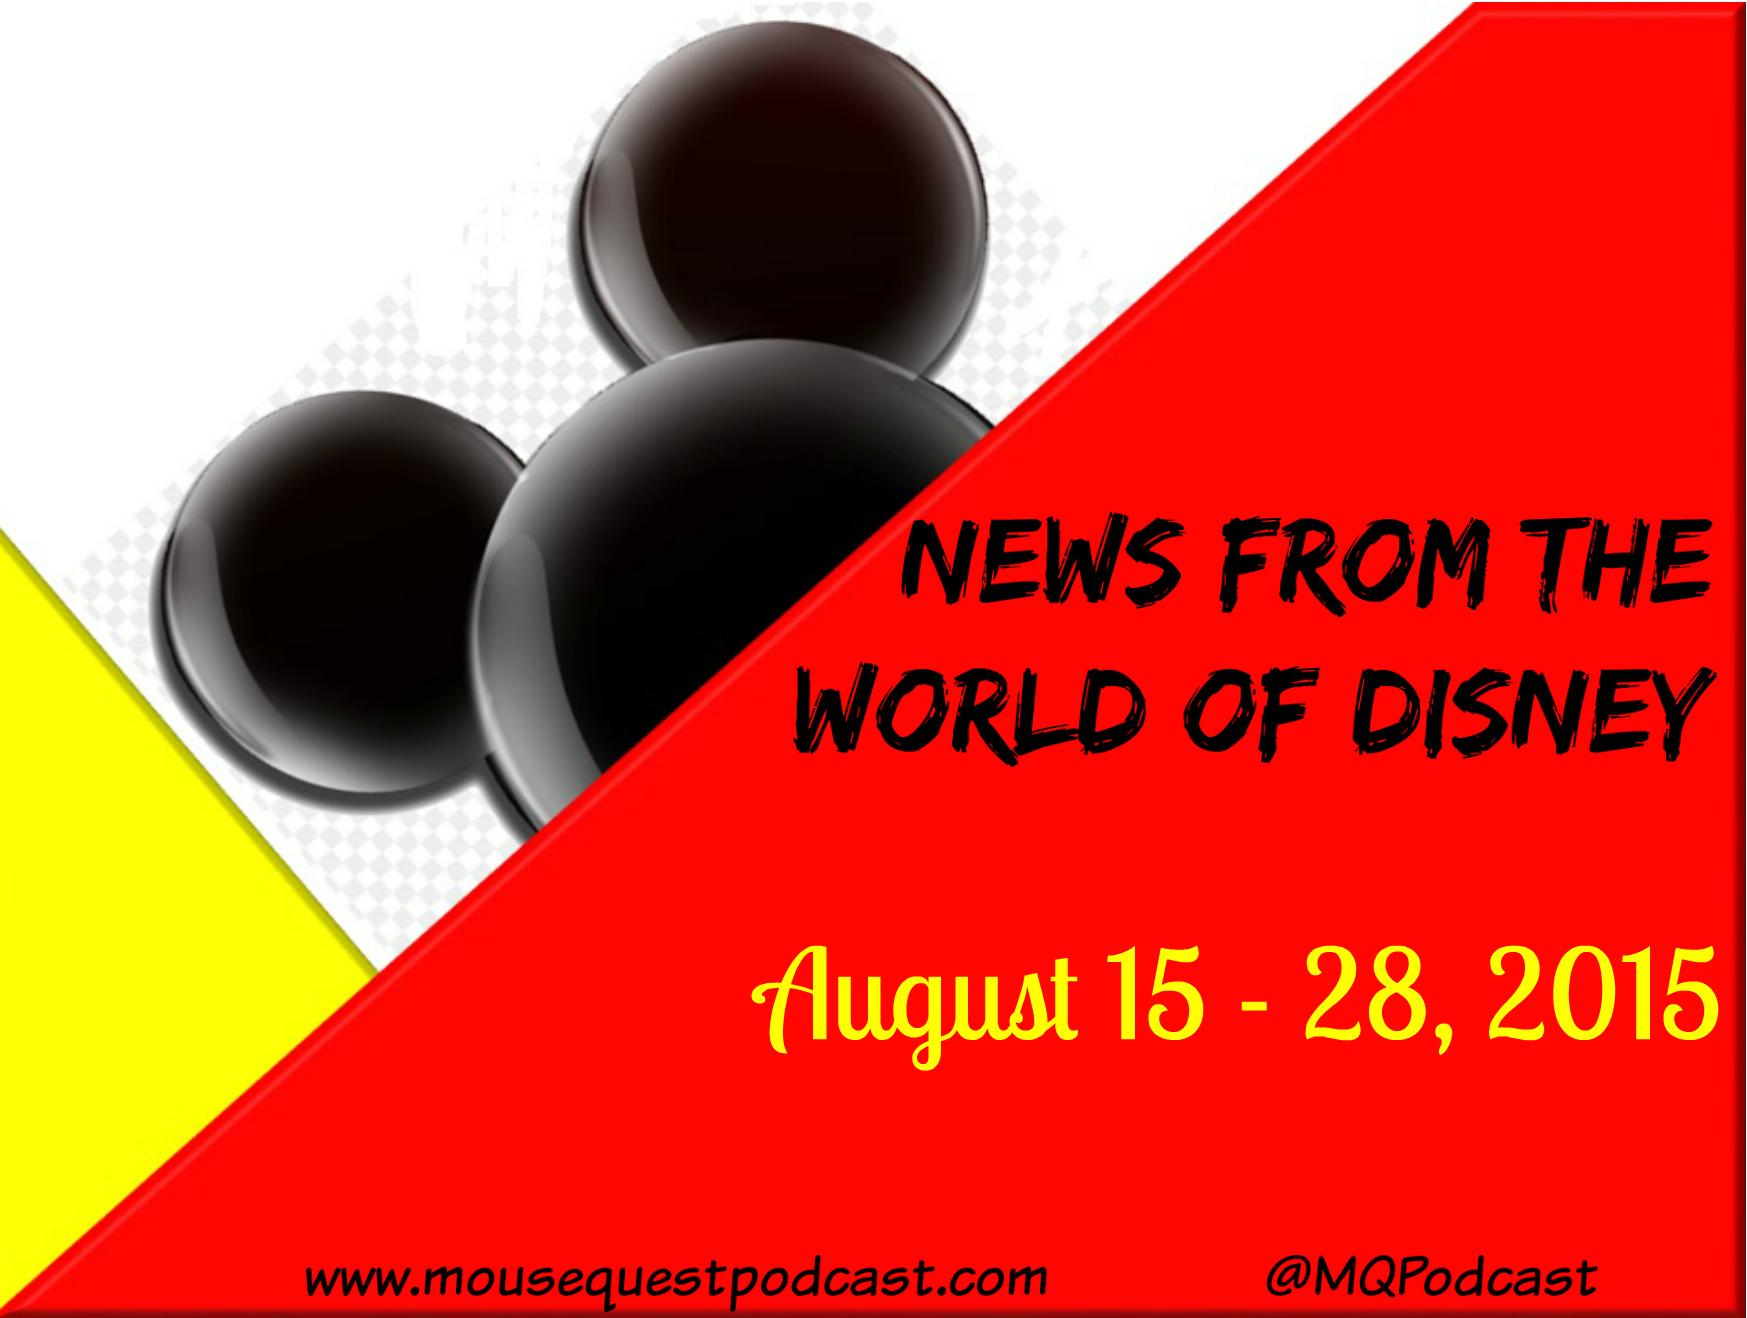 Disney News